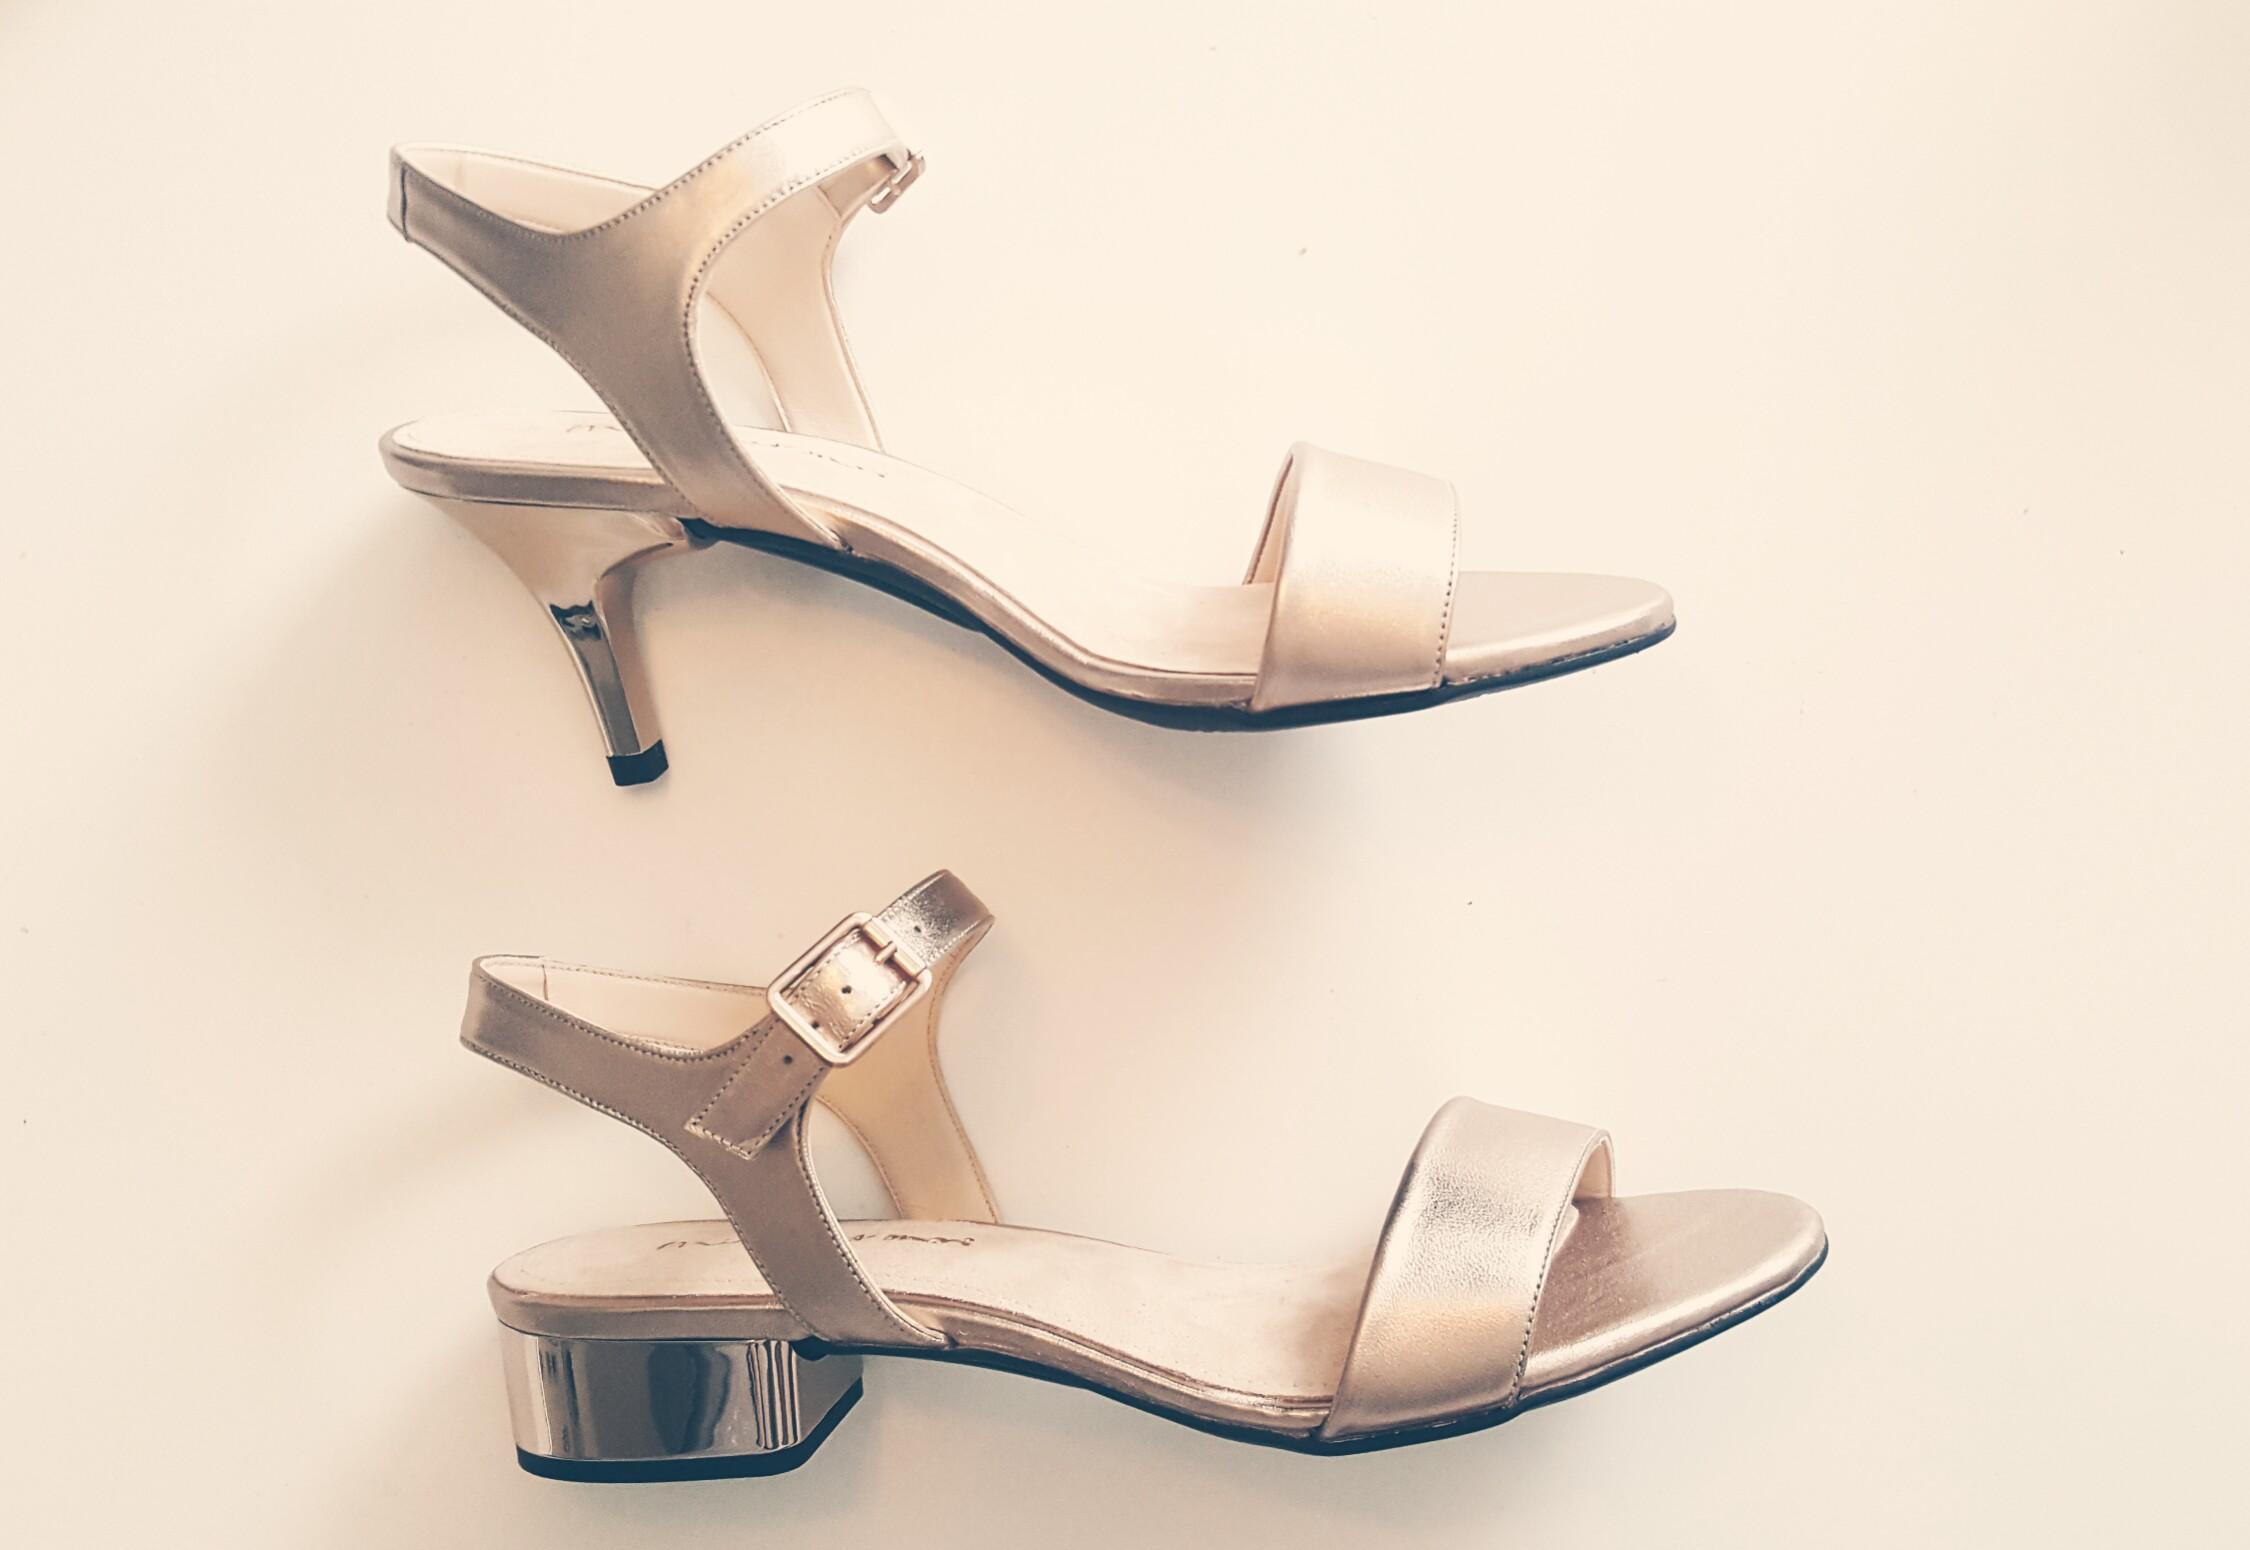 Vergleich der Blockabsätze flach mit dem 7cm Stiletto Absatz bei den Schuhen von Mime et Moi